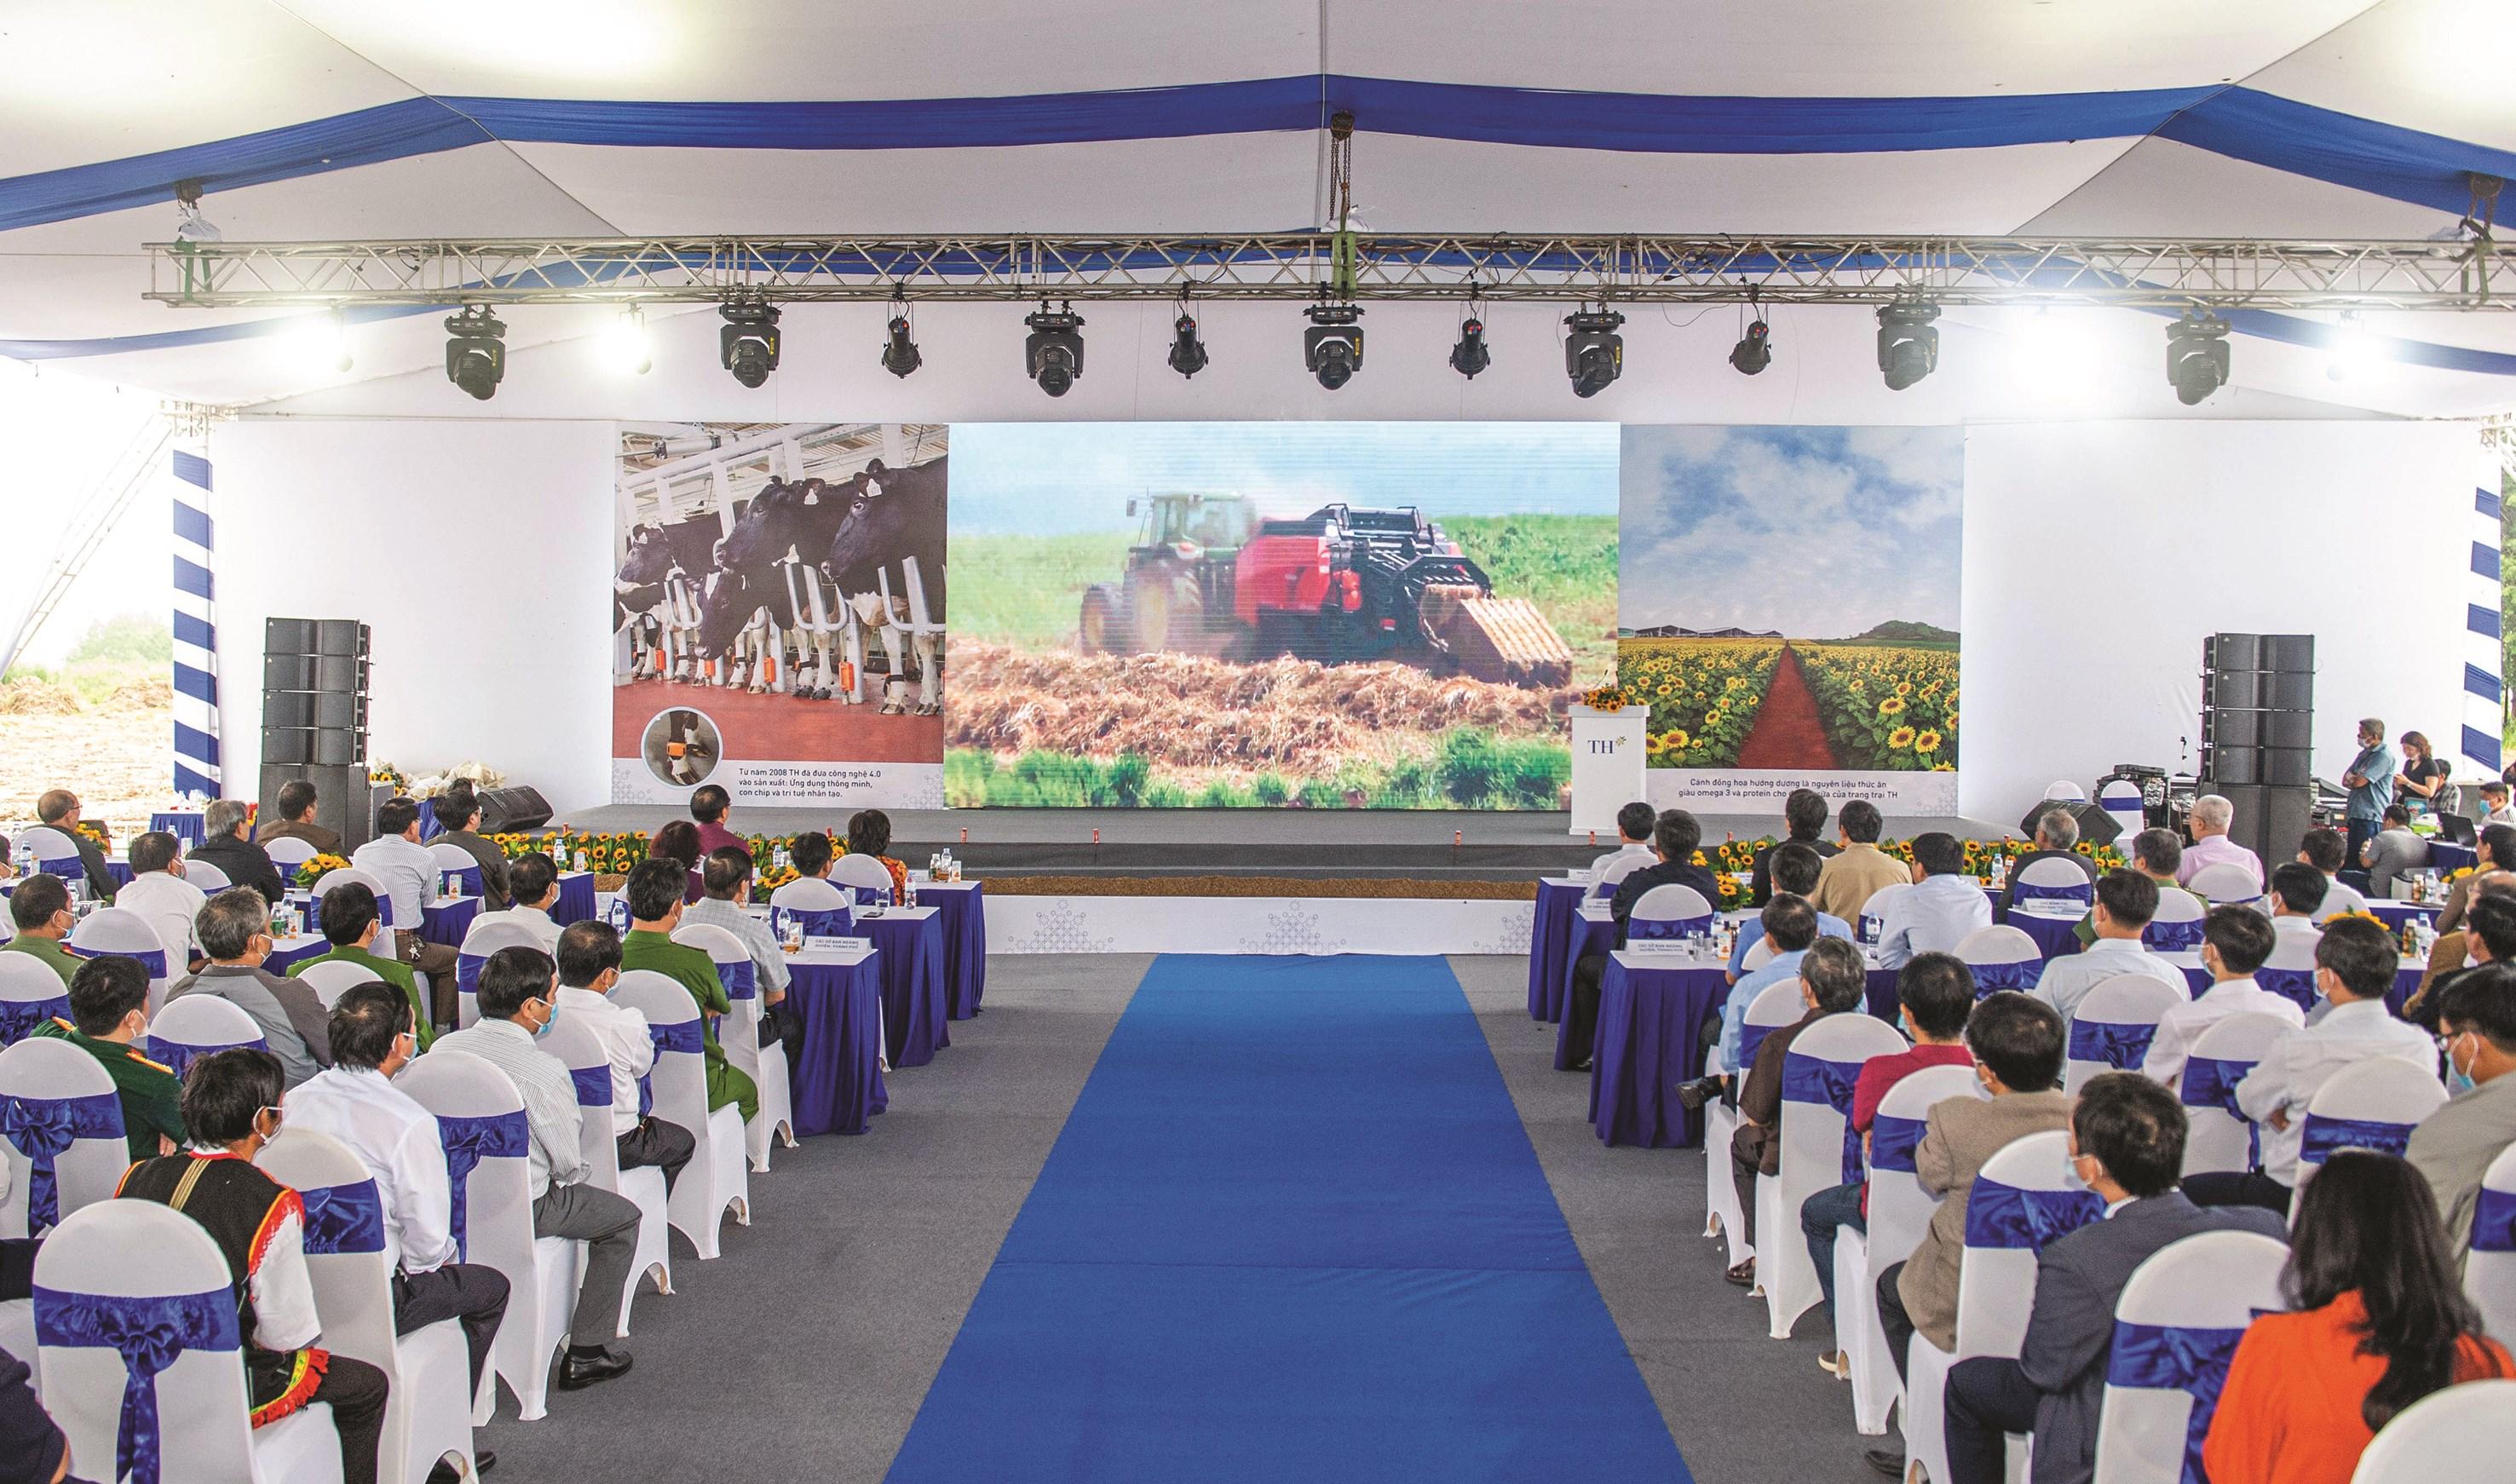 Lễ khởi công Dự án Chăn nuôi bò sữa công nghệ cao lớn nhất Tây Nguyên tại xã Mô Rai, huyện Sa Thầy.